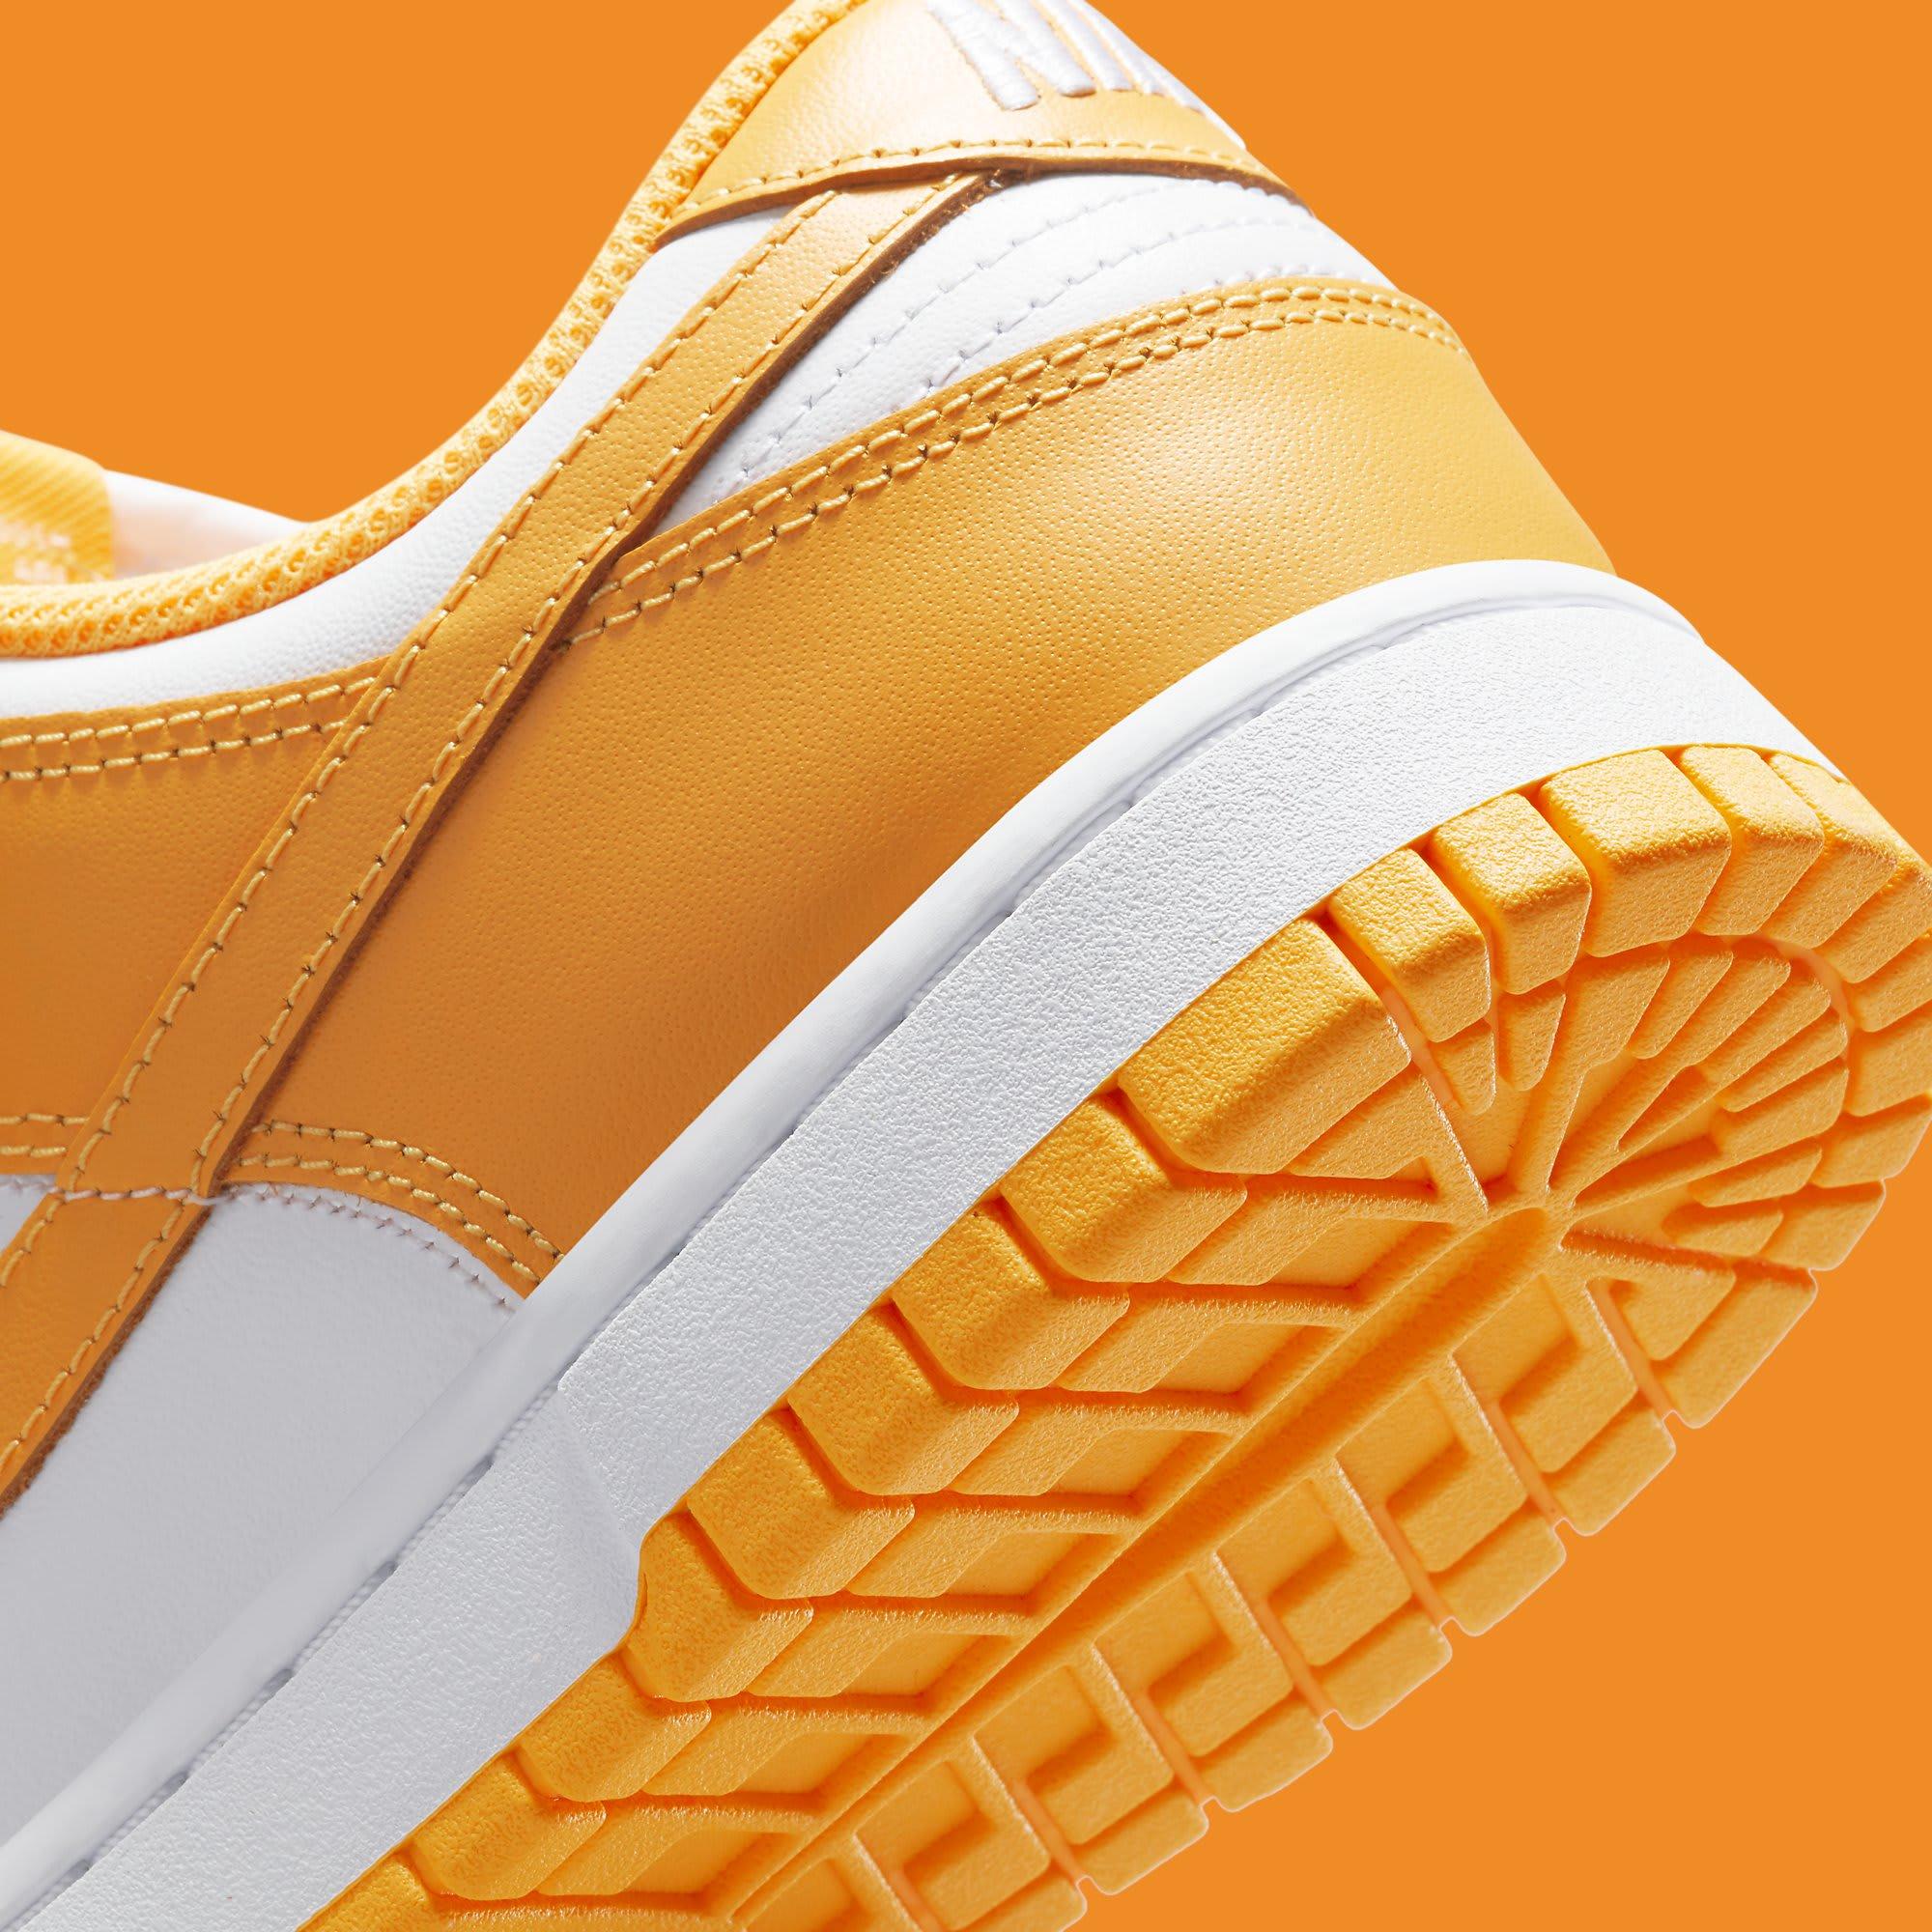 Nike Dunk Low Laser Orange Release Date DD1503-800 Heel Detail